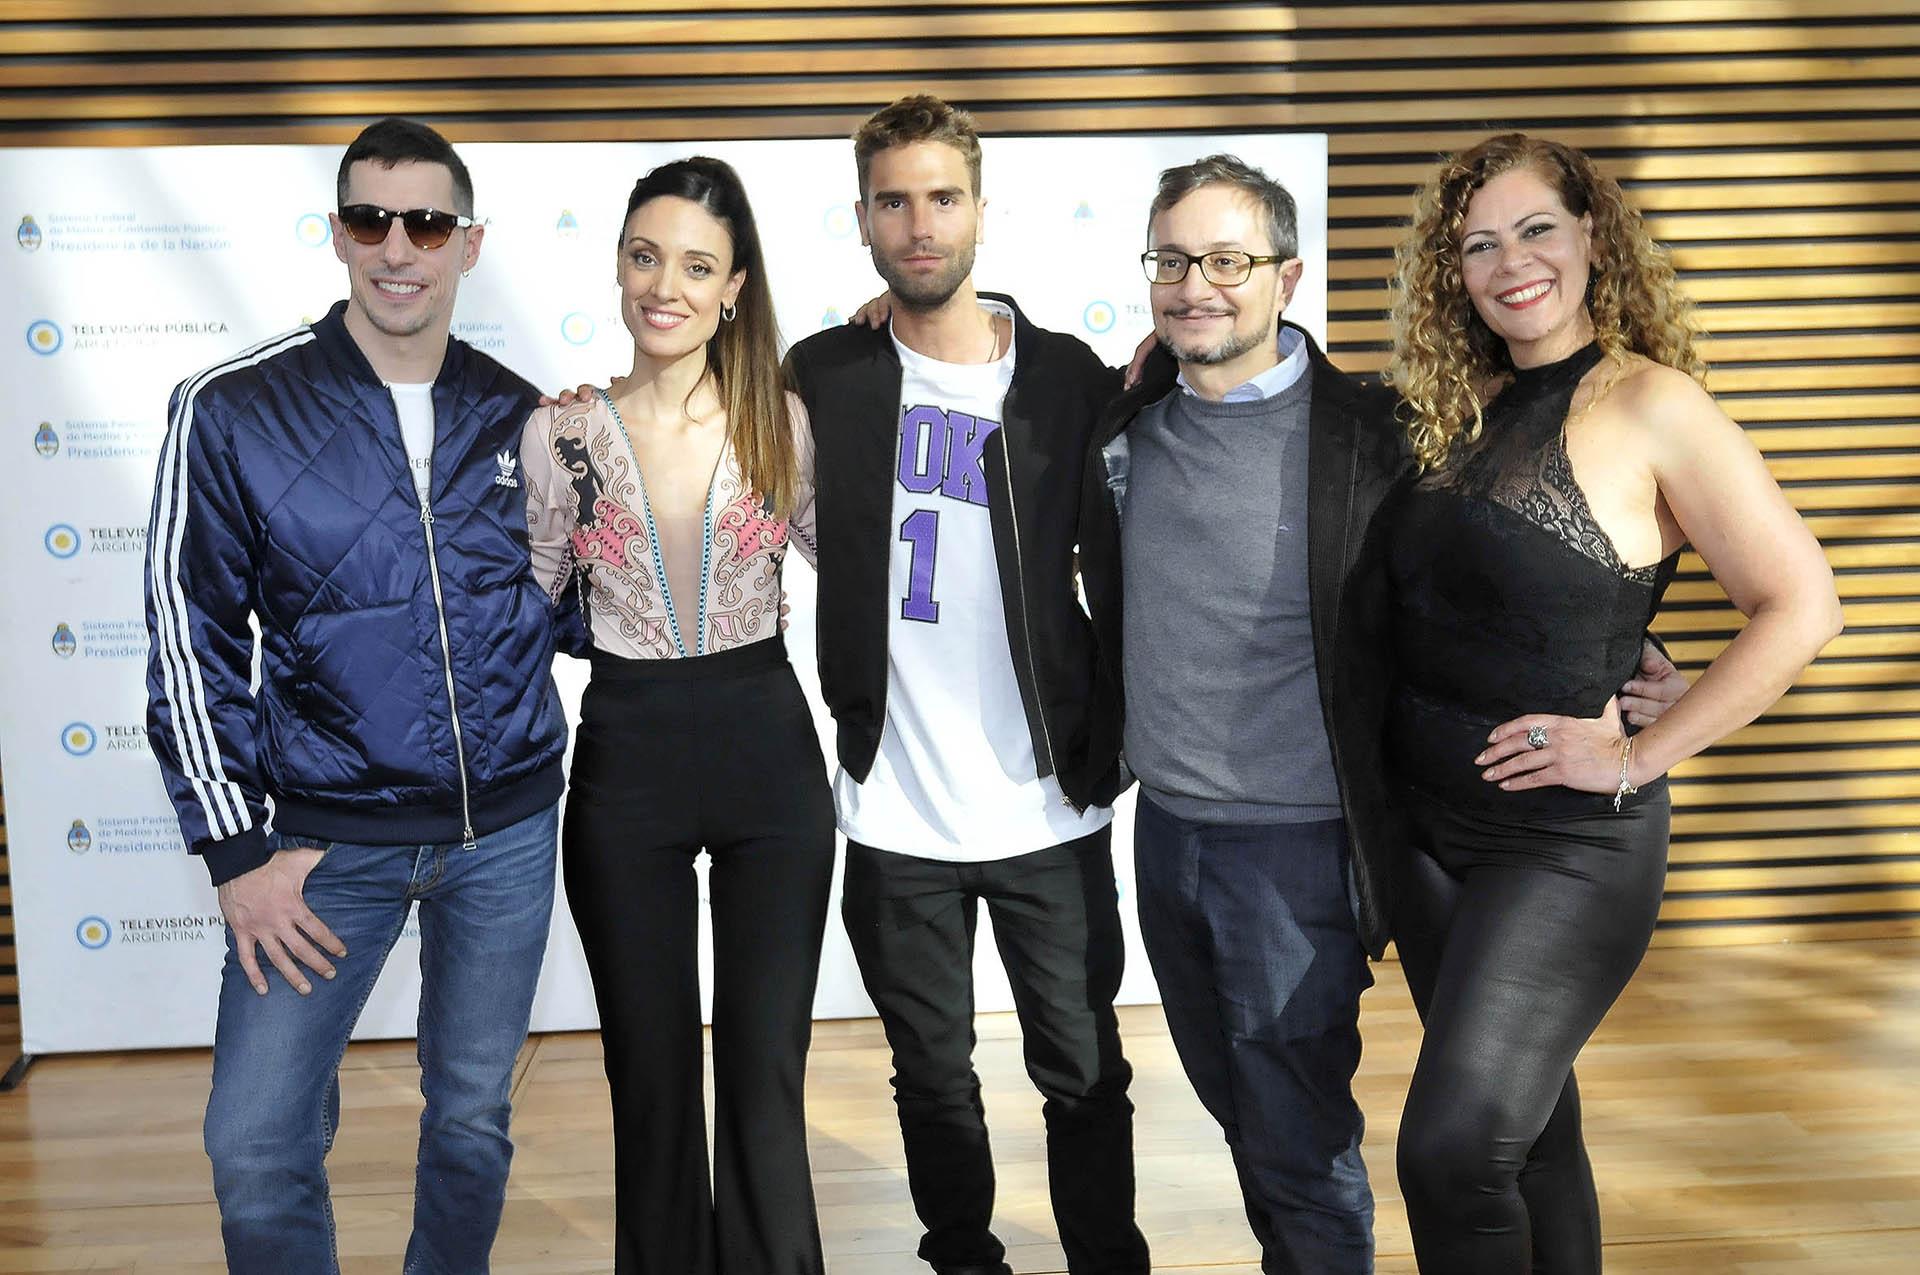 Esteban Lamothe, Martina Gusmán, Nicolás Furtado, Pablo Culell y Loren Acuña